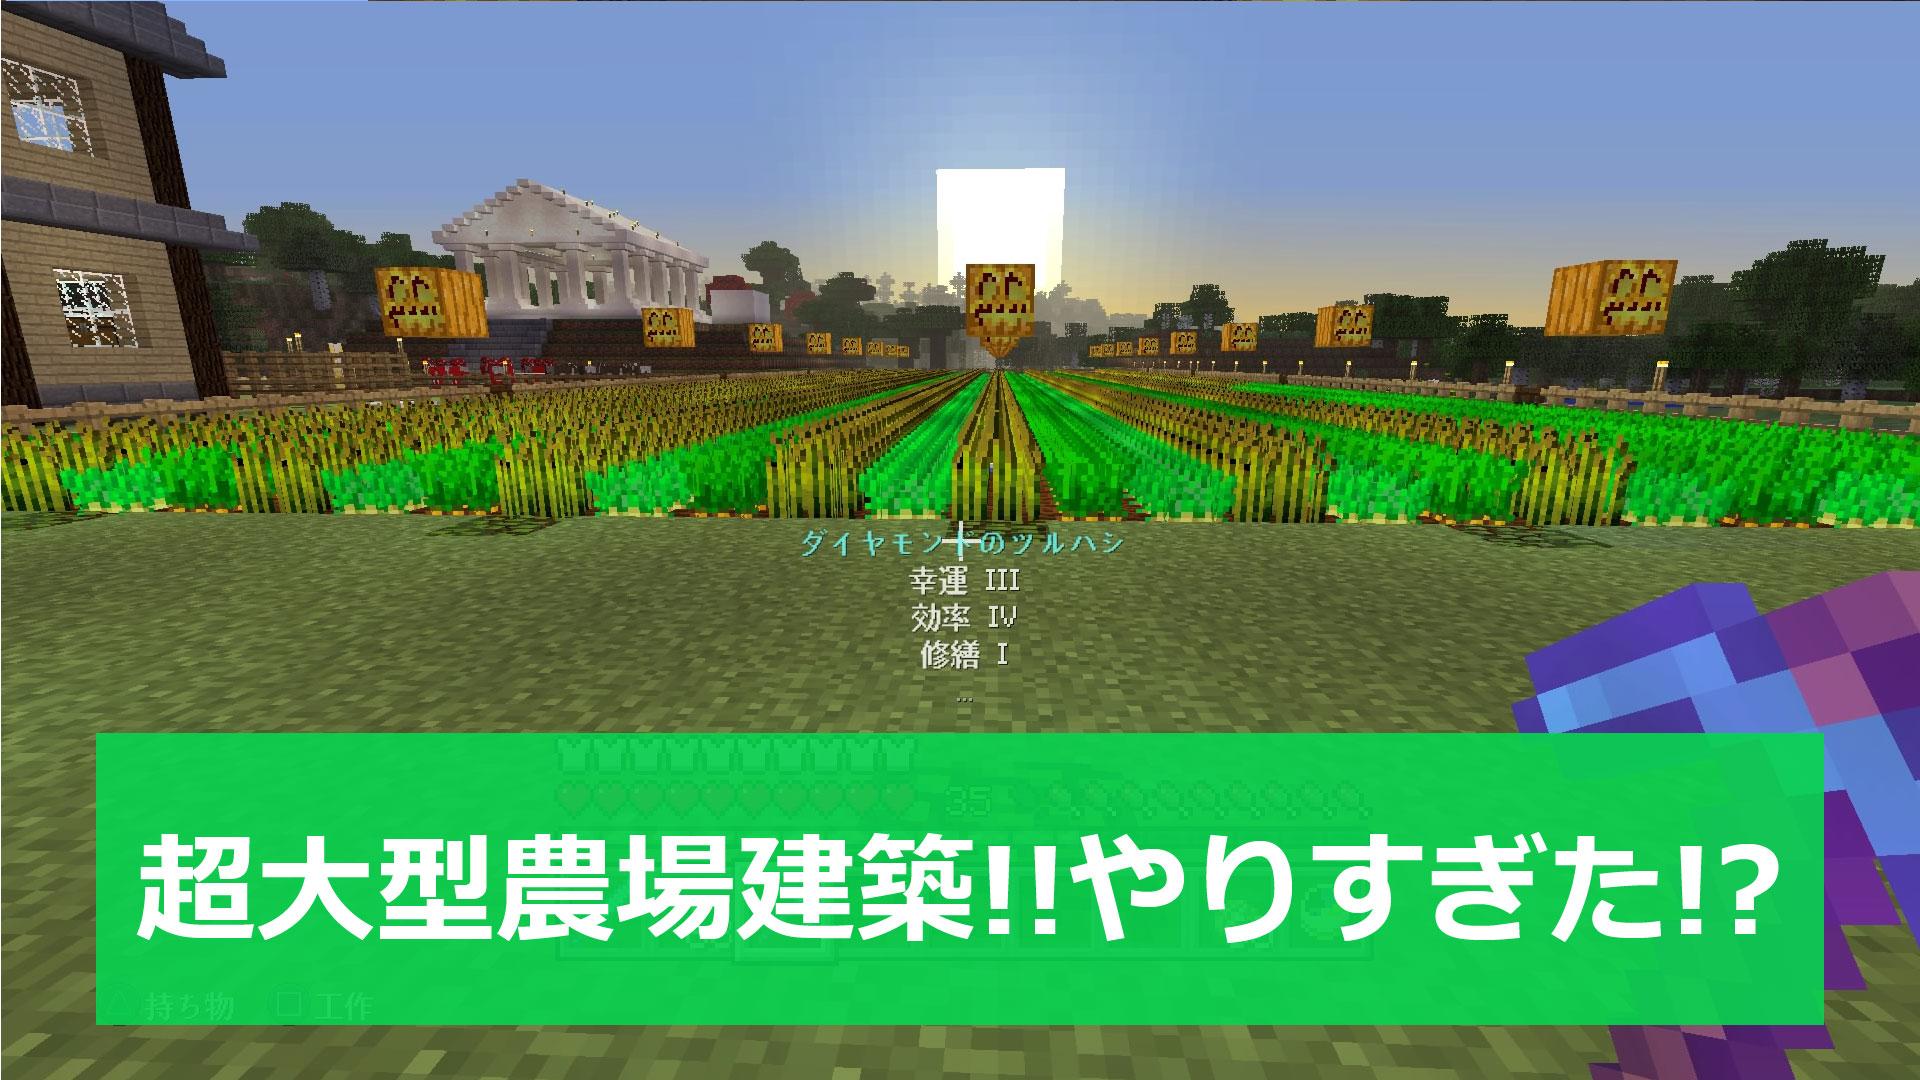 52超大型農場建築!!やりすぎた!?【マインクラフト】